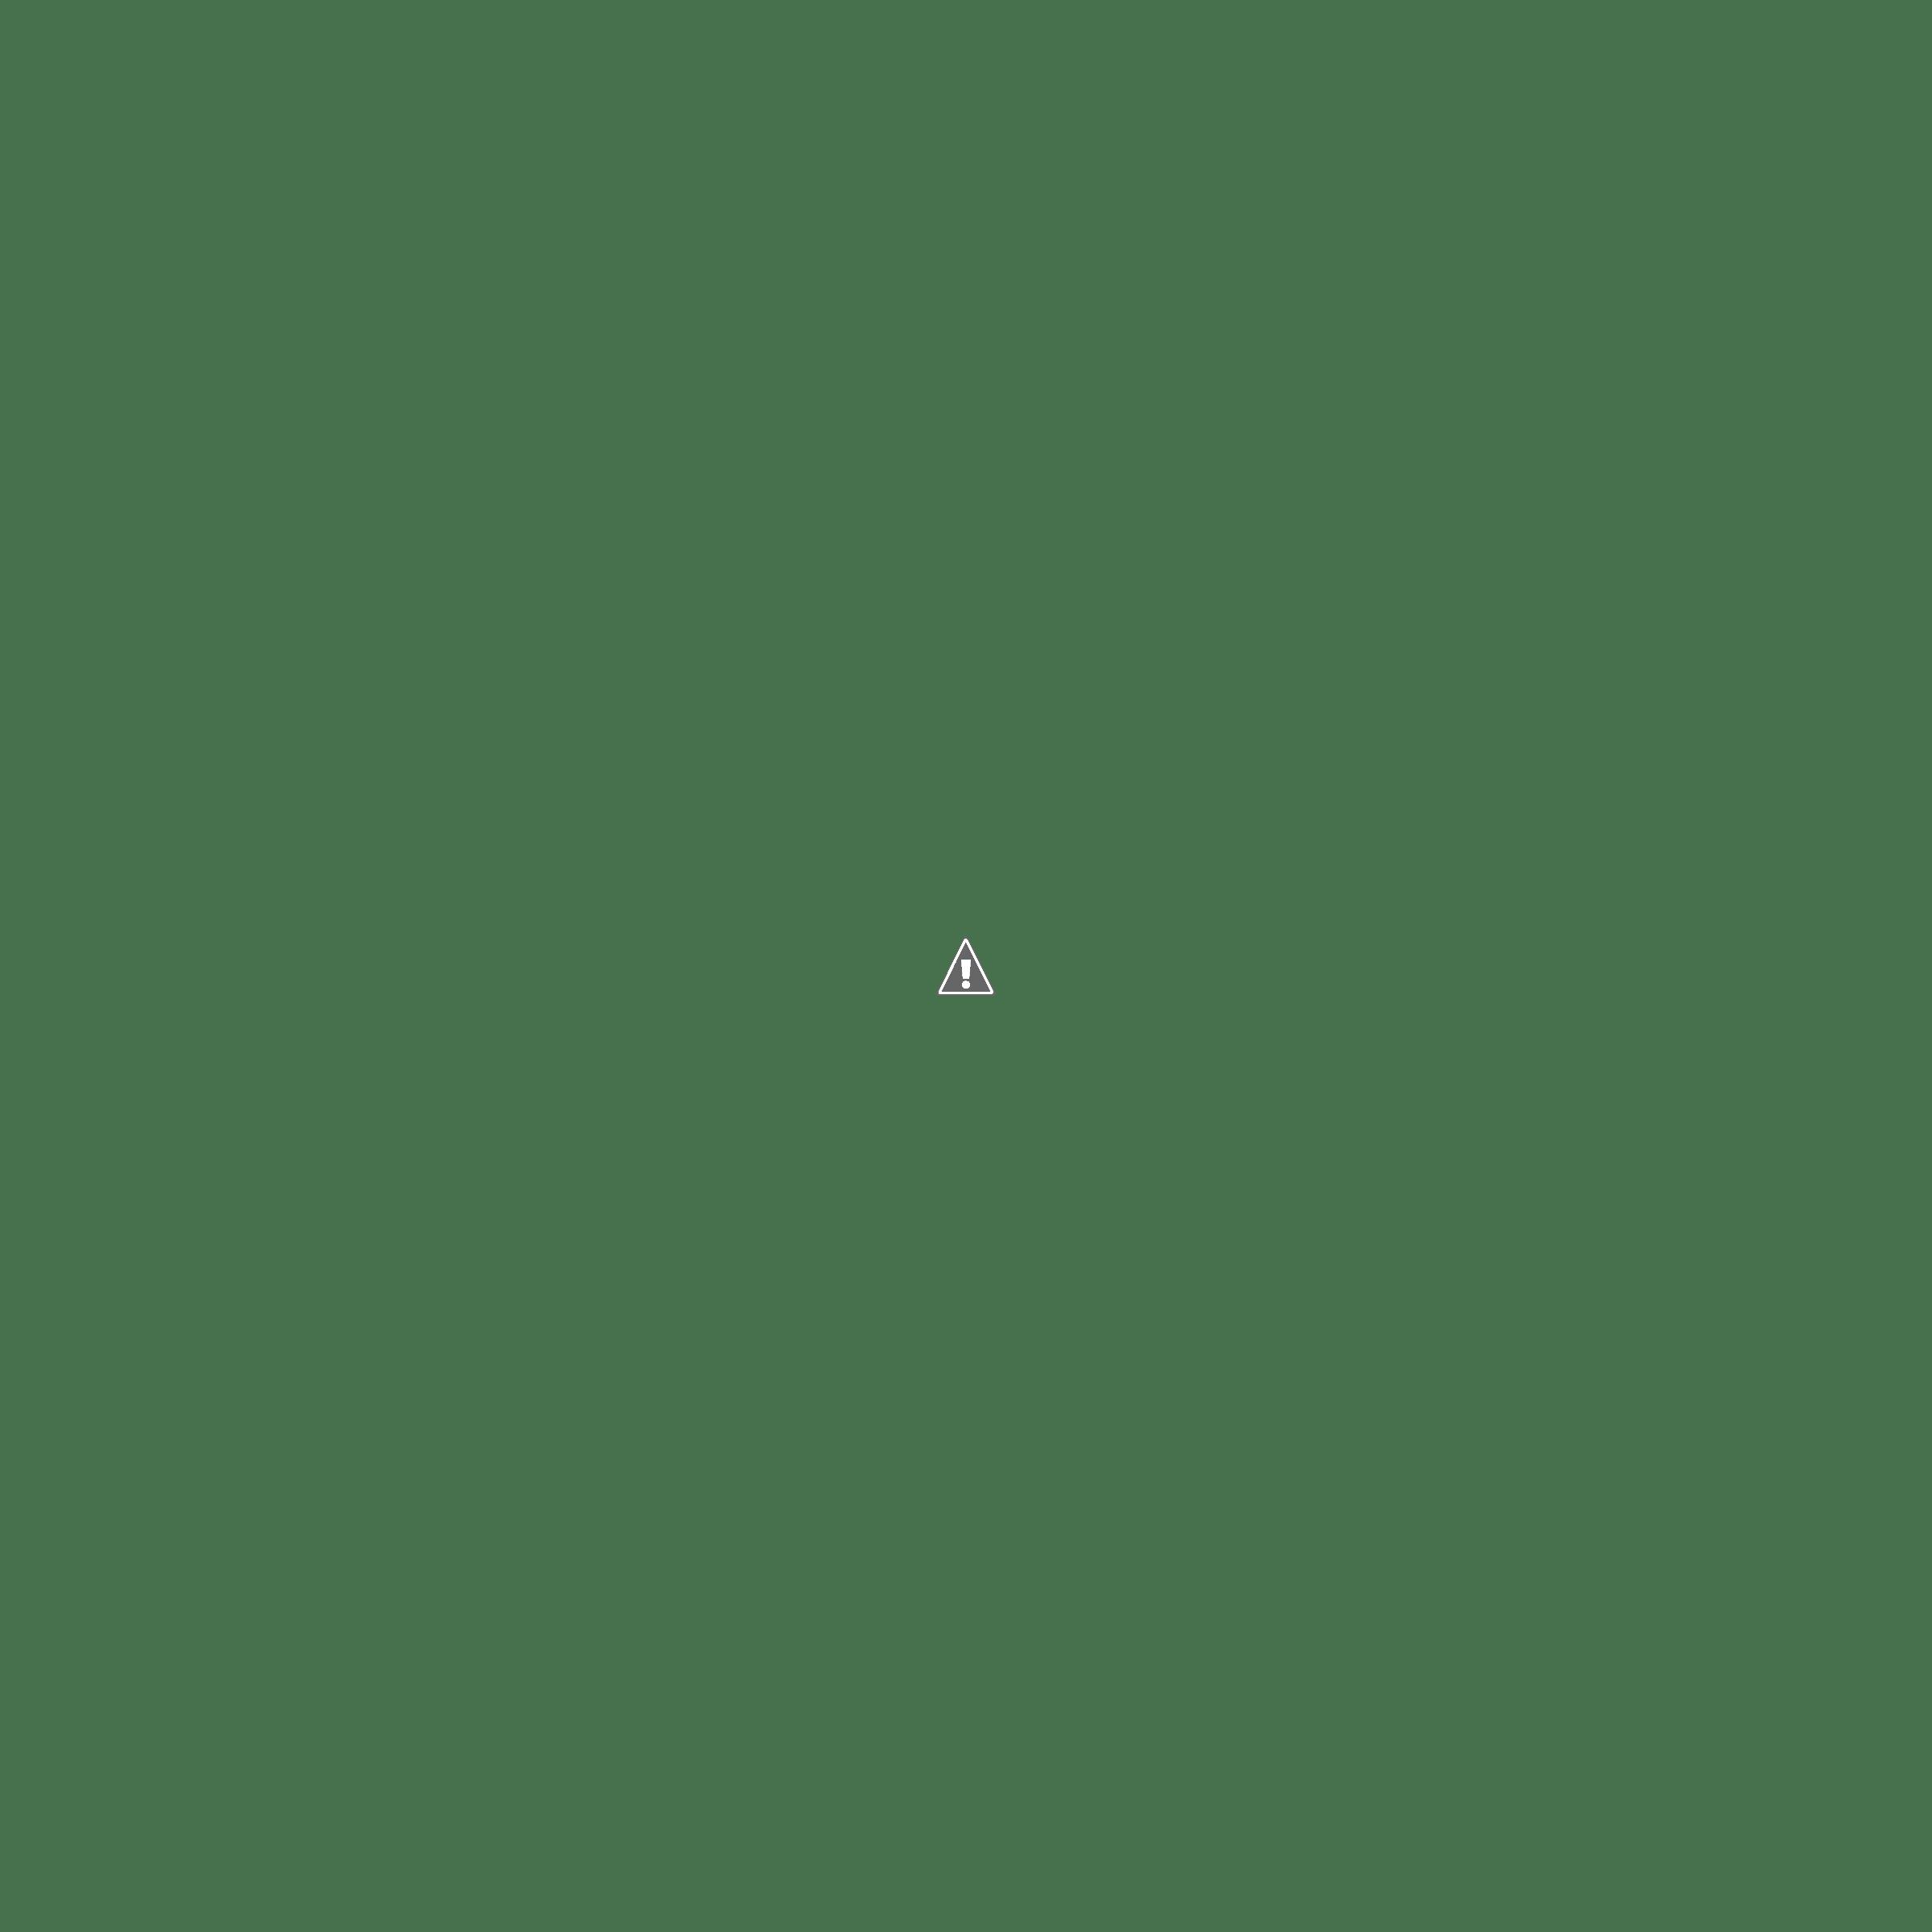 Fern Parc, Metrogate Silang Estates actual photo of the pavilion